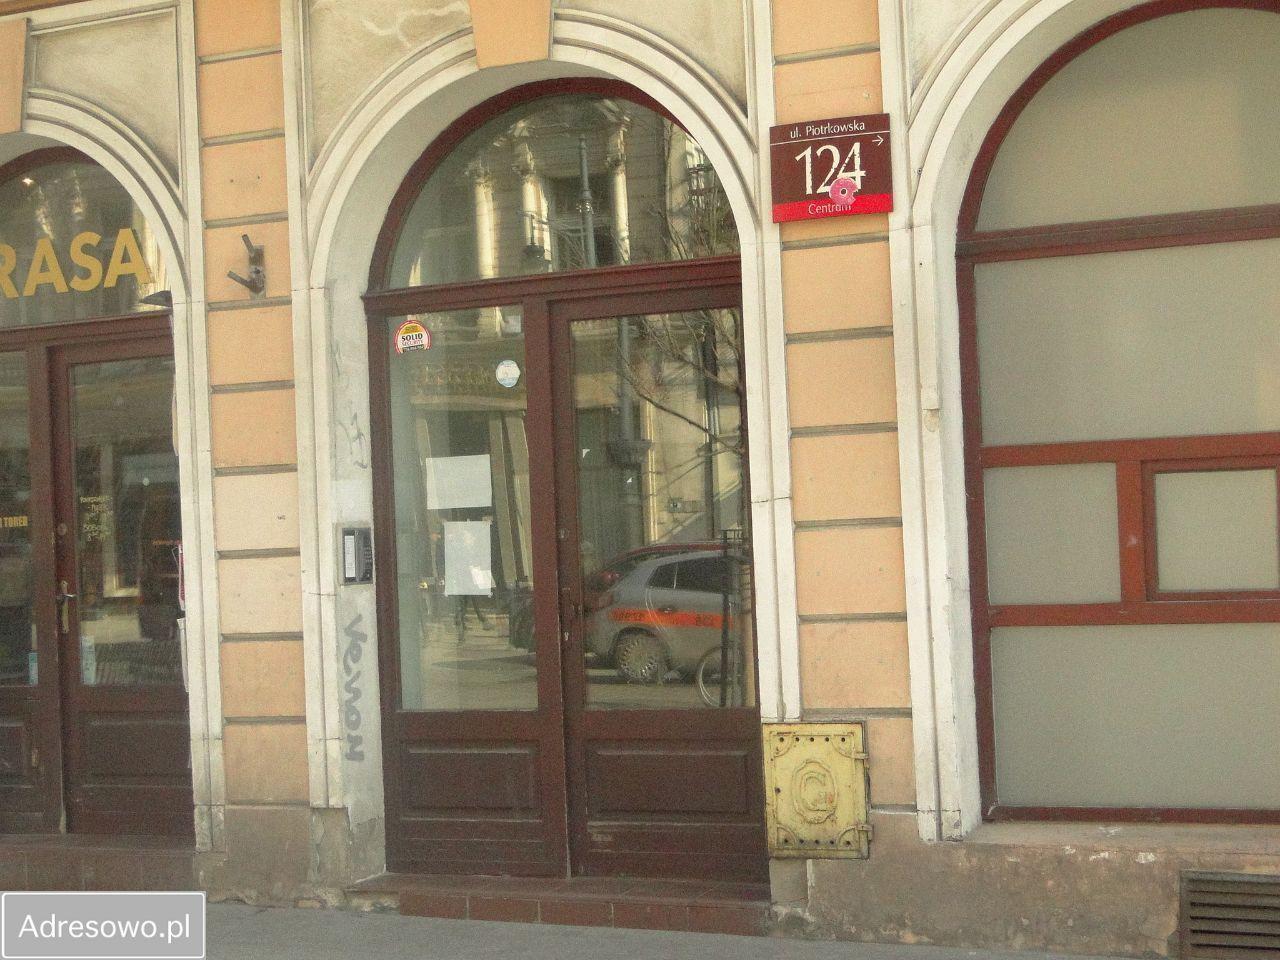 Mieszkanie 1-pokojowe Łódź Śródmieście, ul. Piotrkowska 124